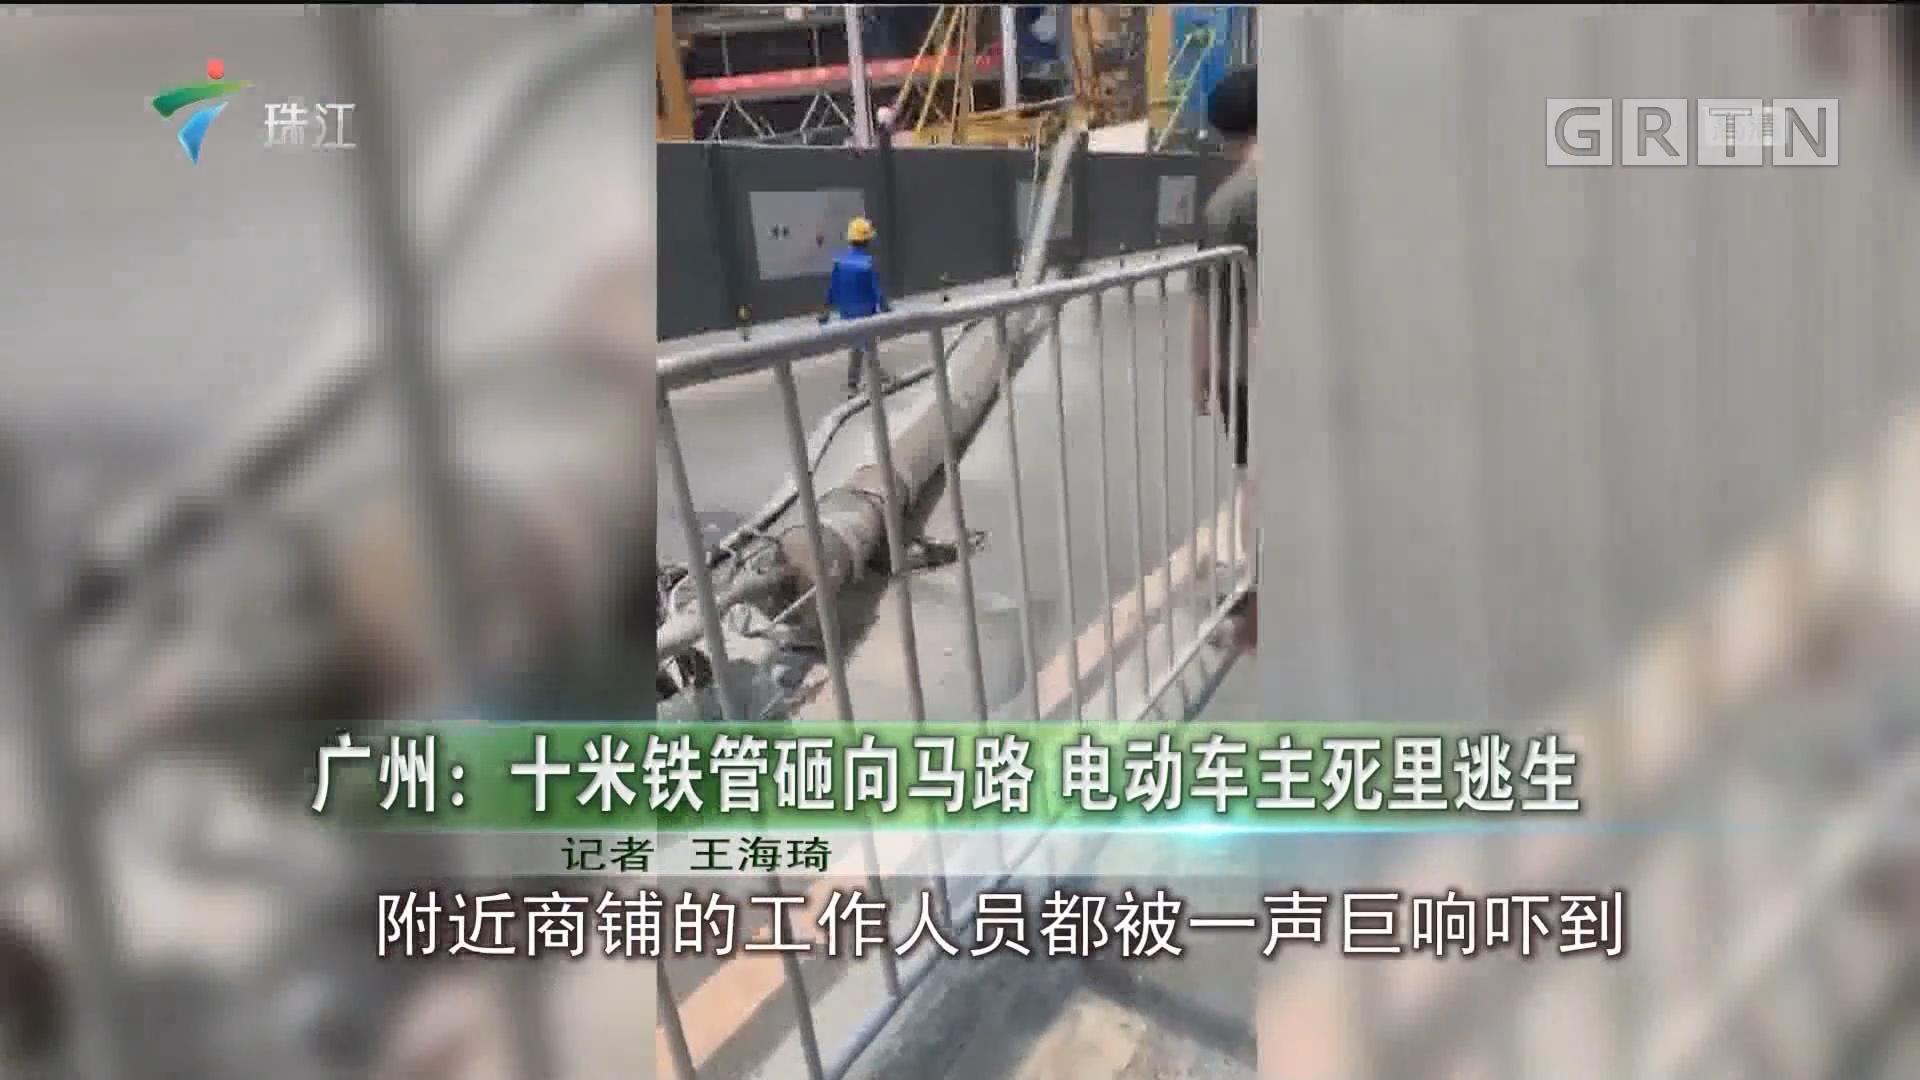 广州:十米铁管砸向马路 电动车主死里逃生